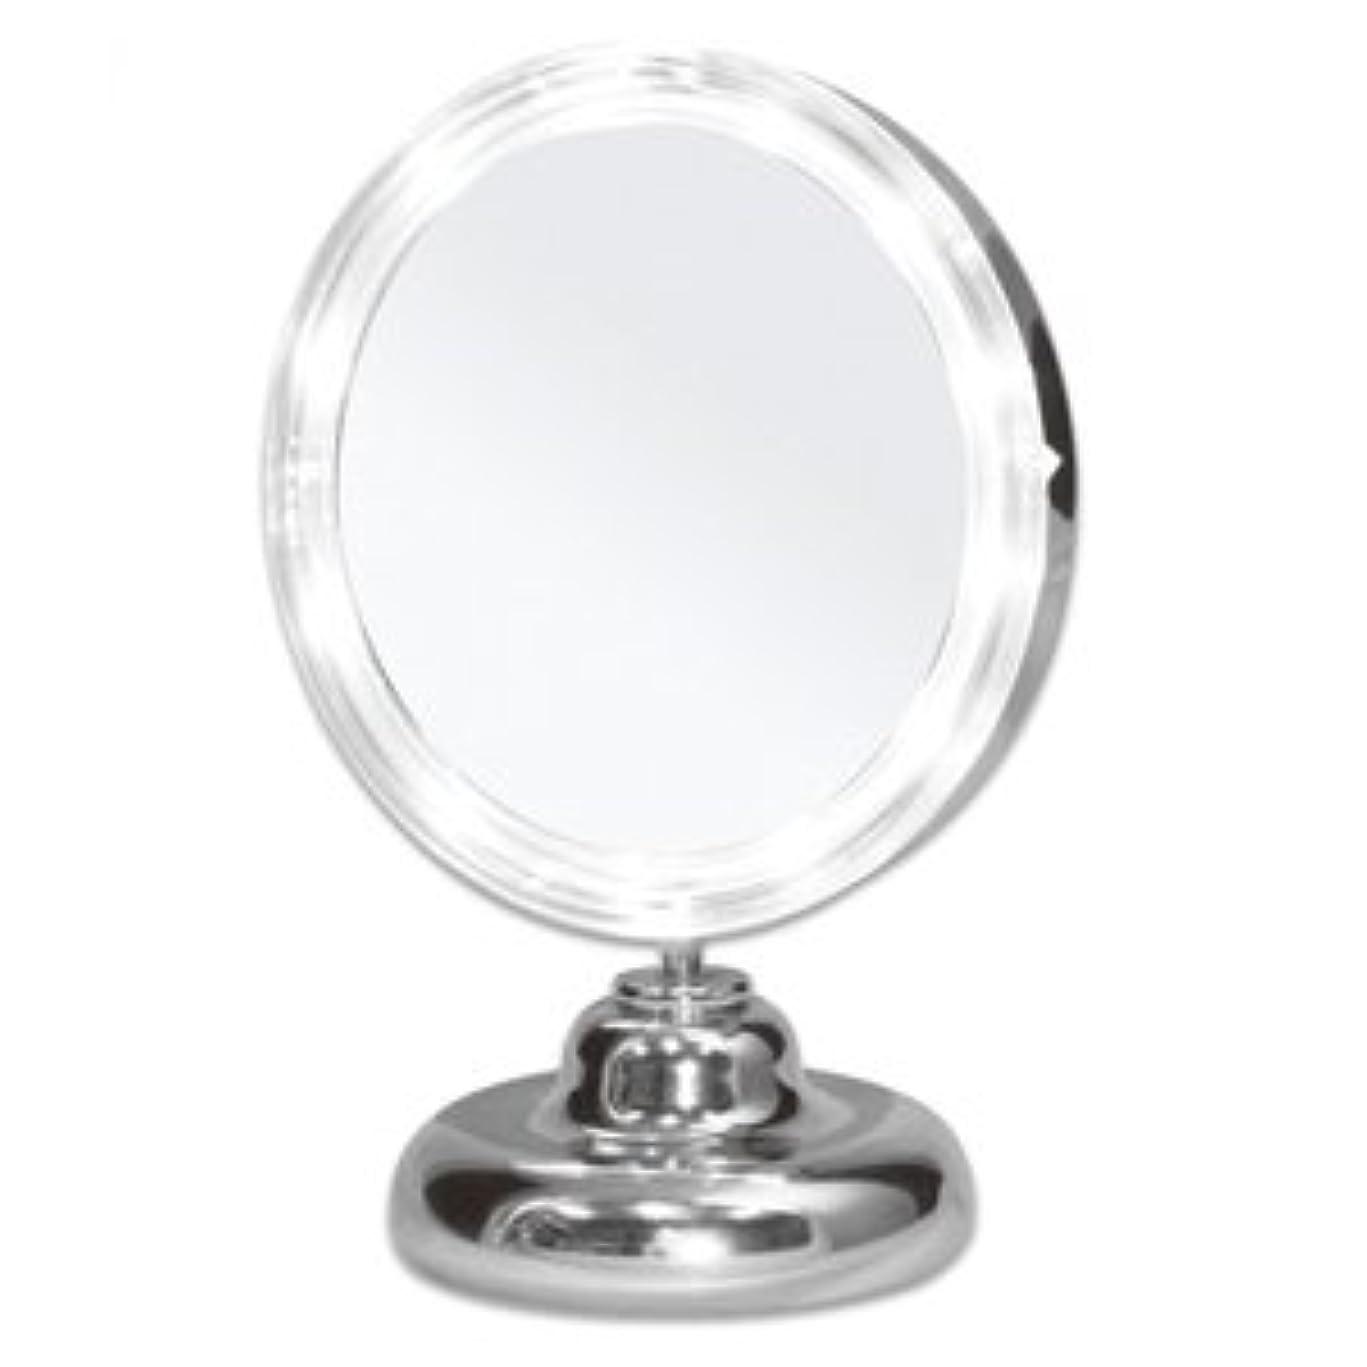 スキルジュース国民シミ?しわ?たるみ?毛穴が驚くほど良く見える!拡大鏡 5倍拡大+LEDライト付き 真実の鏡DX ミニS型 しっかり見えるから、メイクアップやお手入れがしやすい!どこでも使える電池式 角度調節可 真実の鏡 DX ミニS型